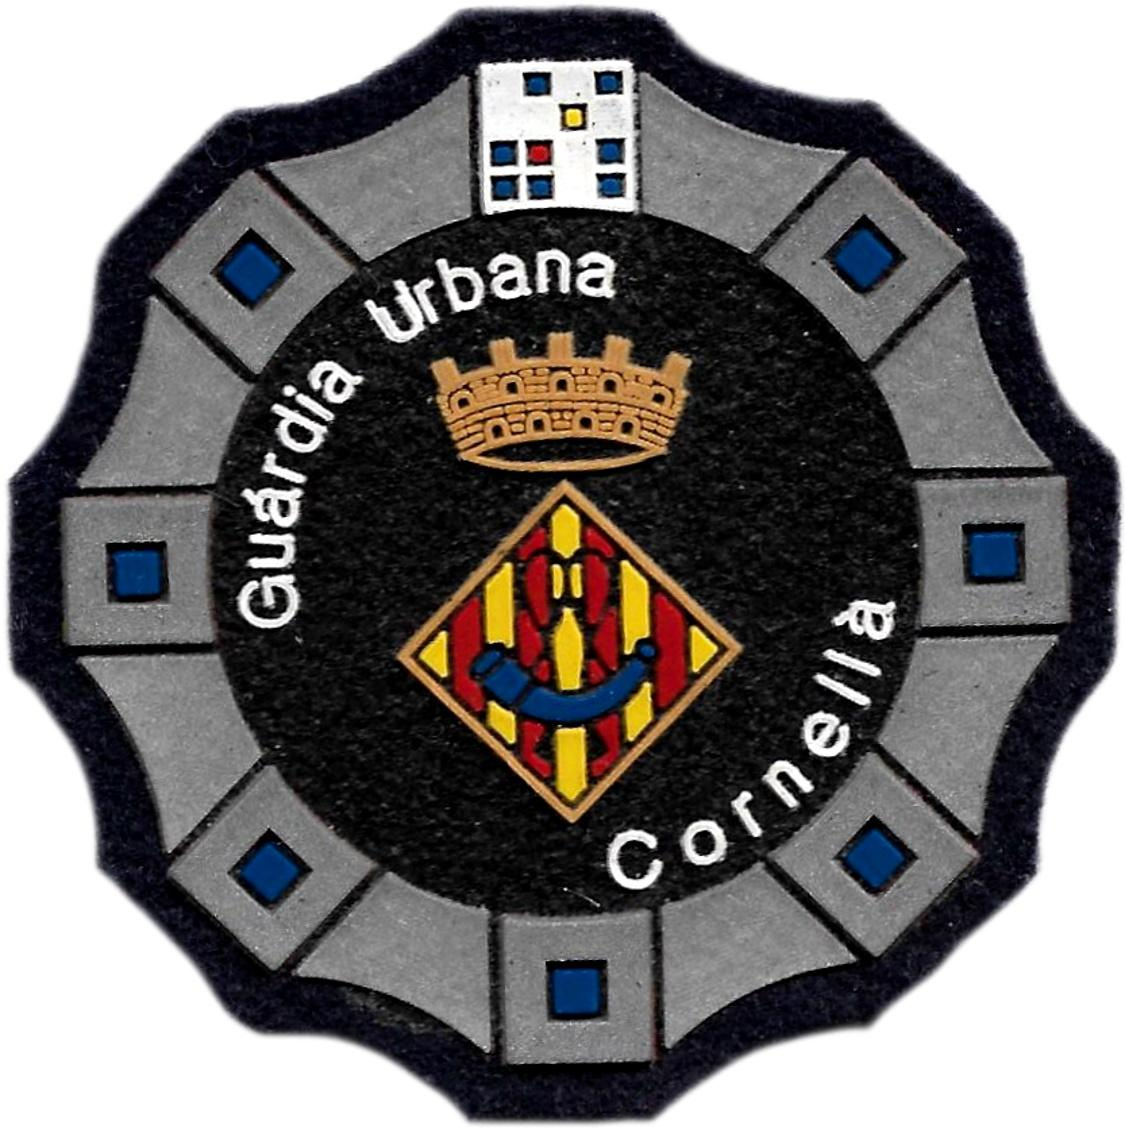 Policía Guardia Urbana Cornellá parche insignia emblema distintivo de pecho modelo 92